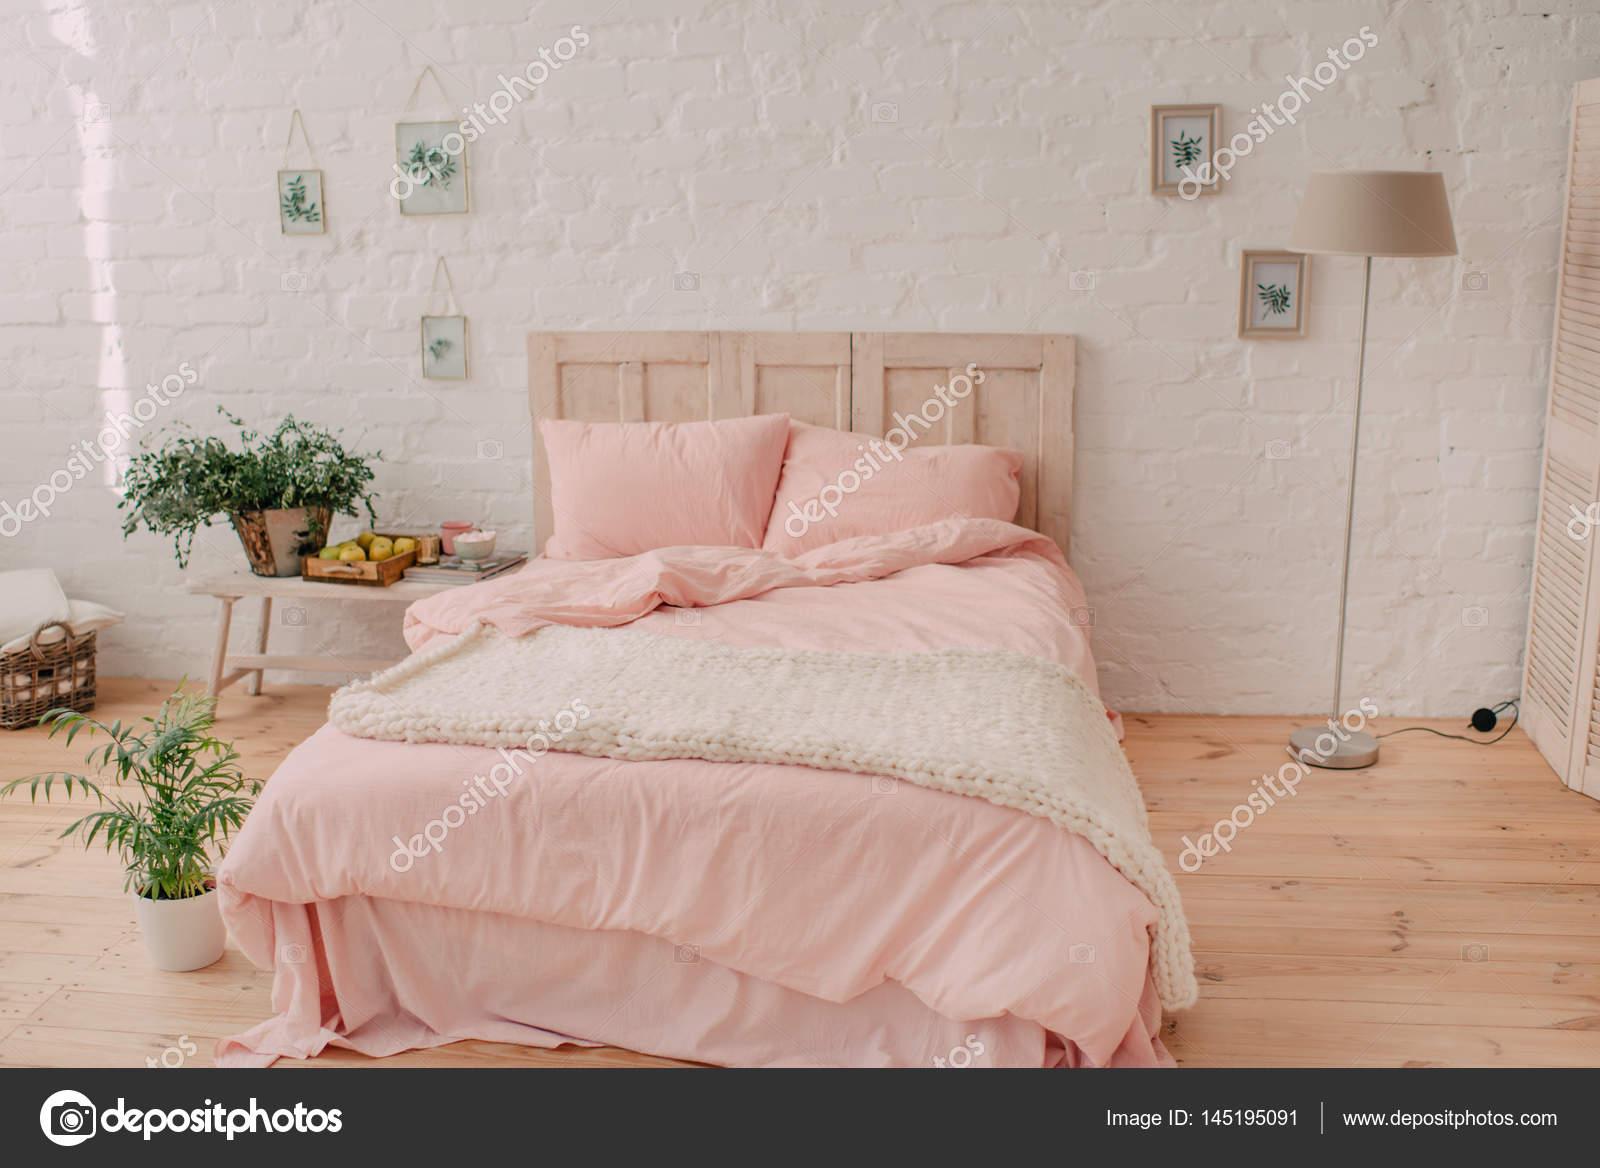 Sypialnia Z Dużym łóżkiem Zdjęcie Stockowe Alekuwka